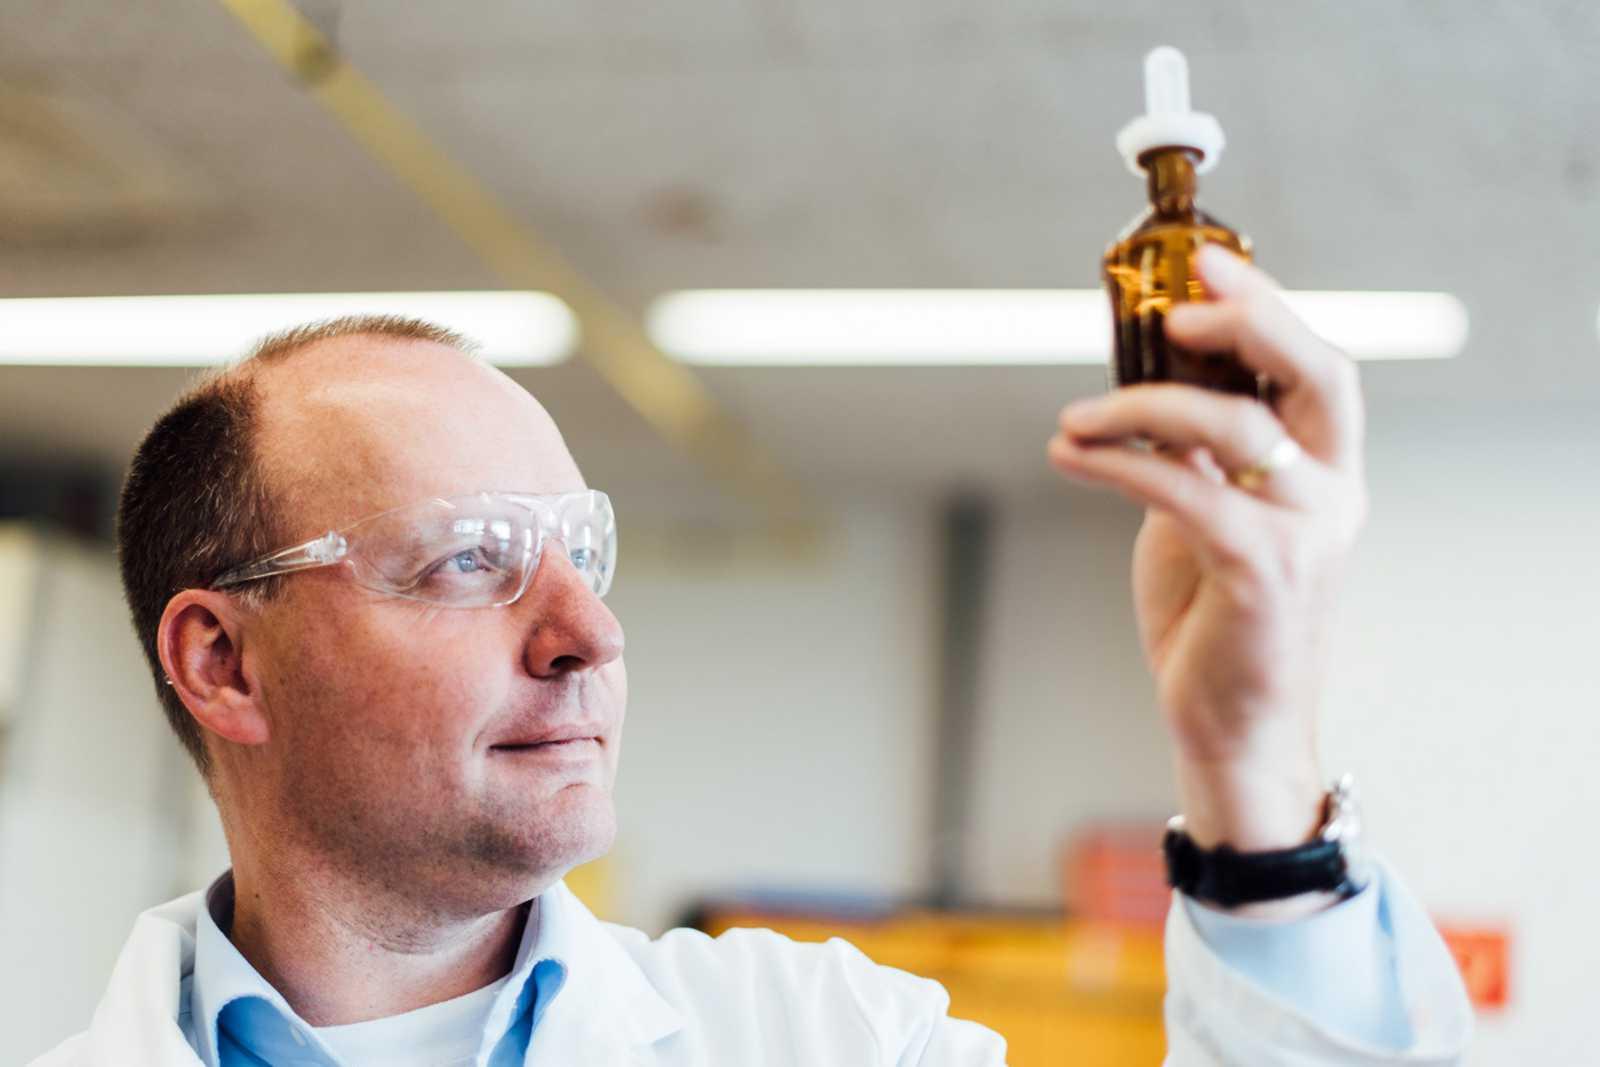 Kooperation Mit Wissenschafts Und Technologieunternehmen Merck